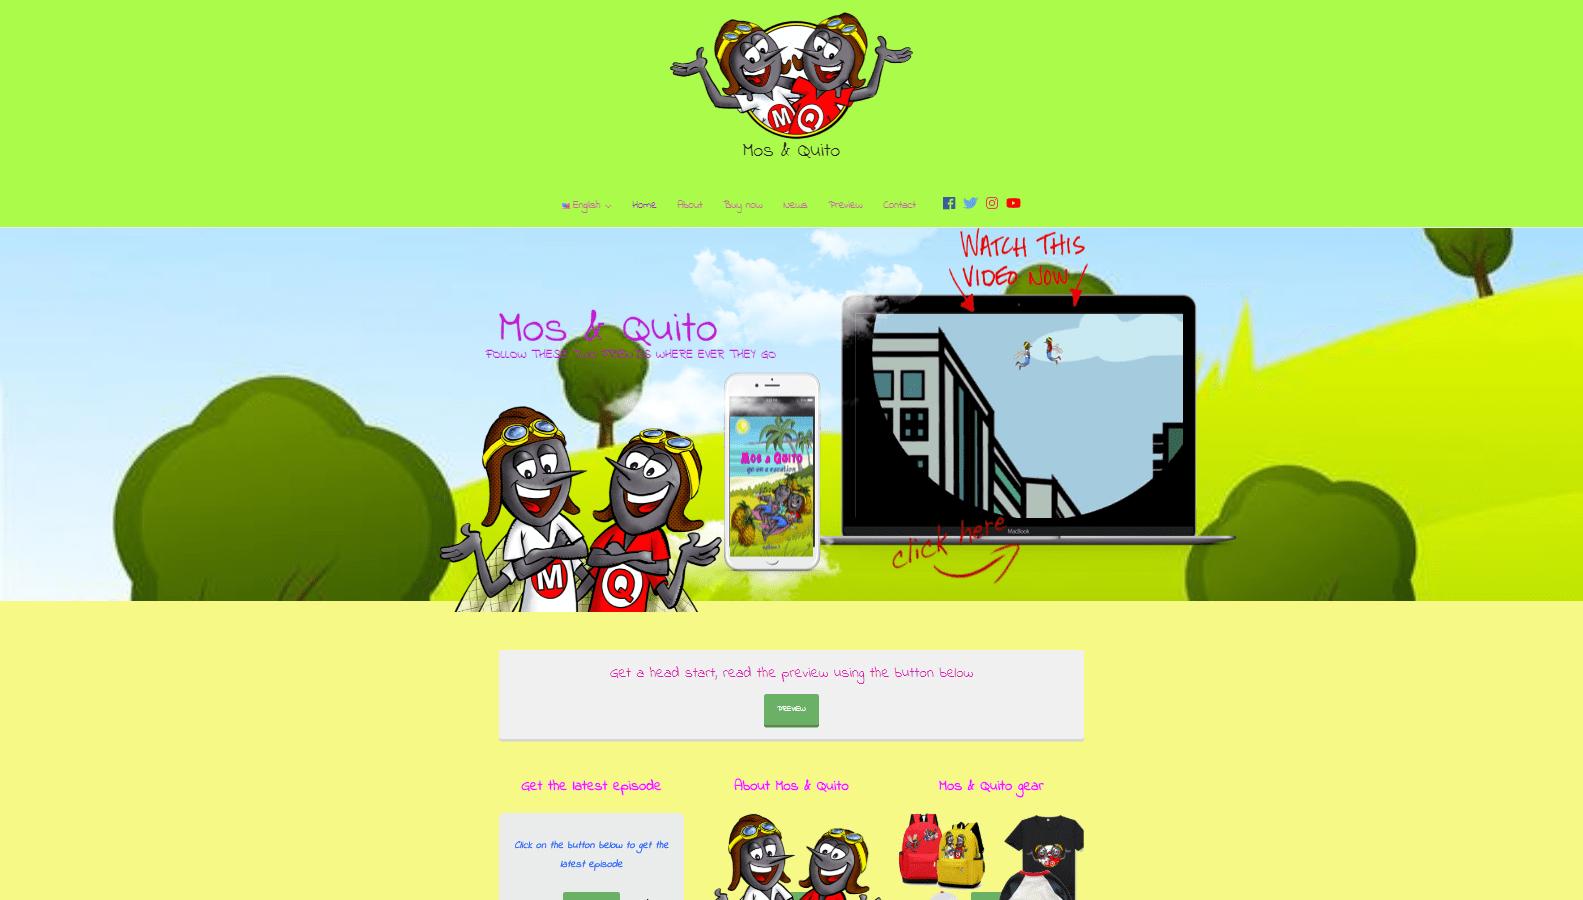 mosandquito.com